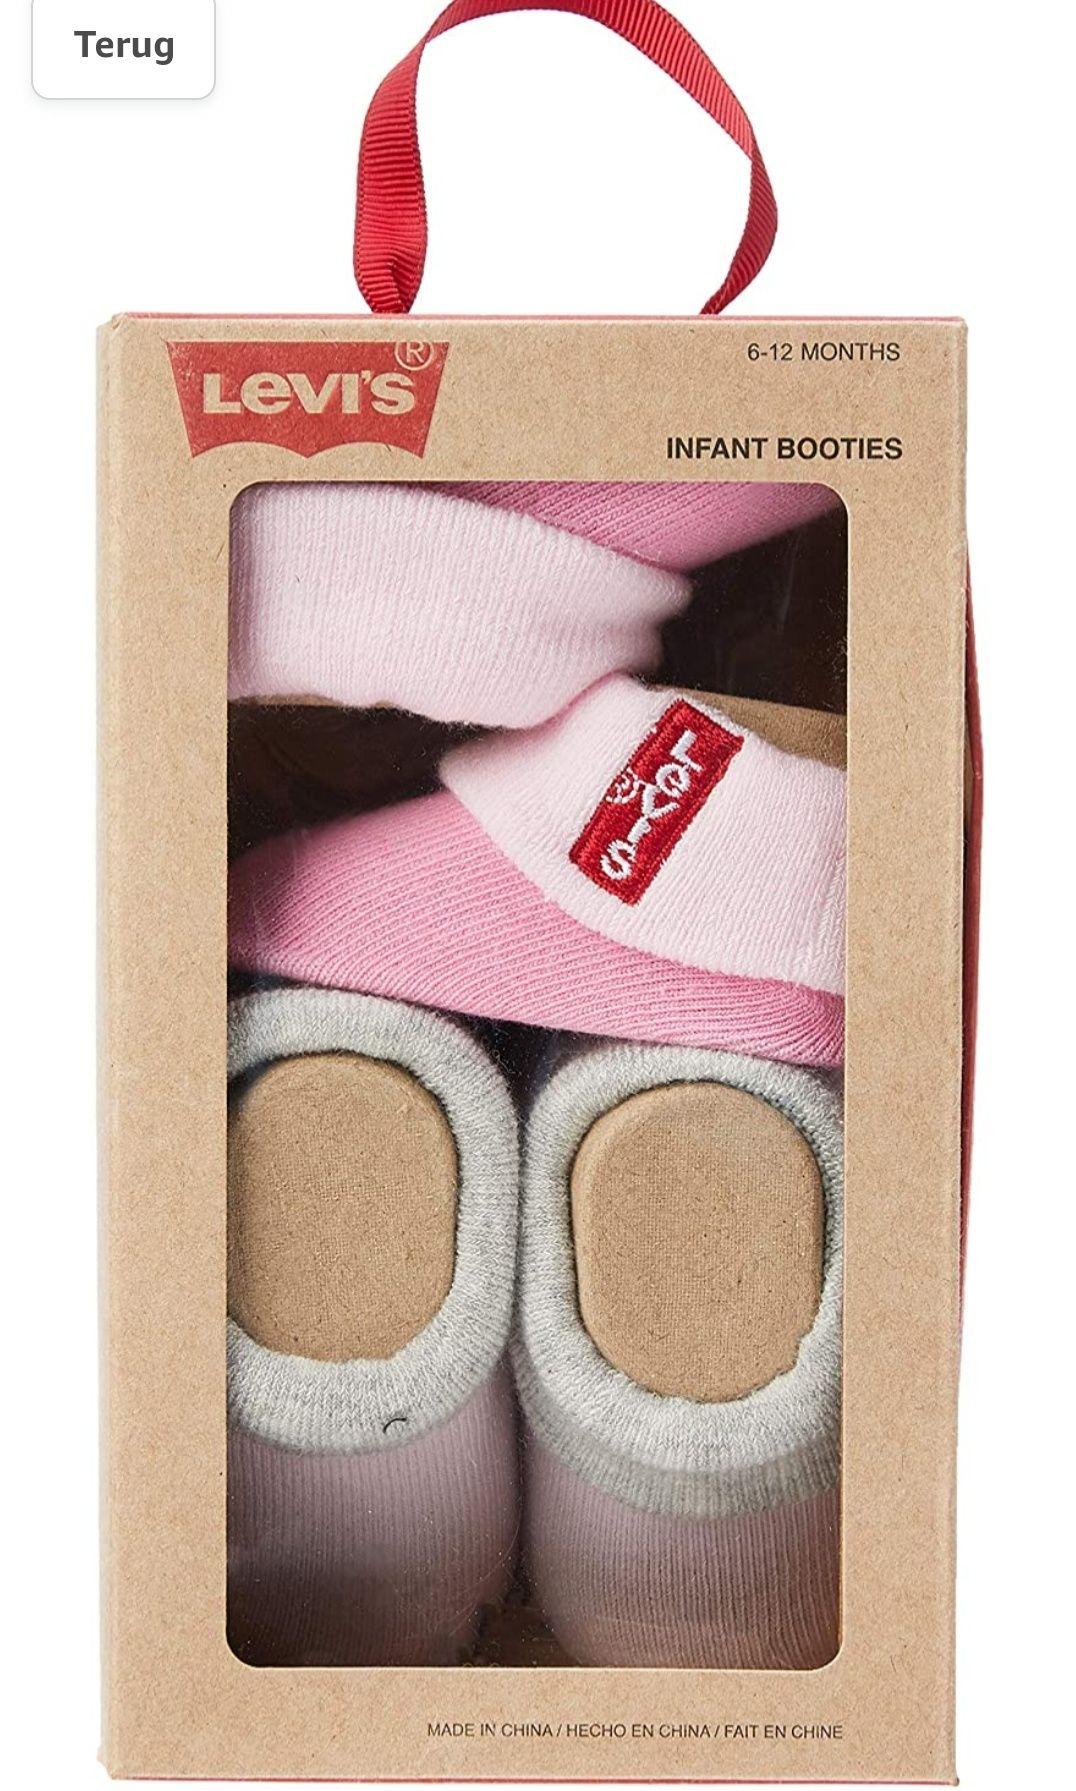 Levi's Baby meisje Booties - Red Tab Infant Boxed Bootie 2pk 6-12 maanden